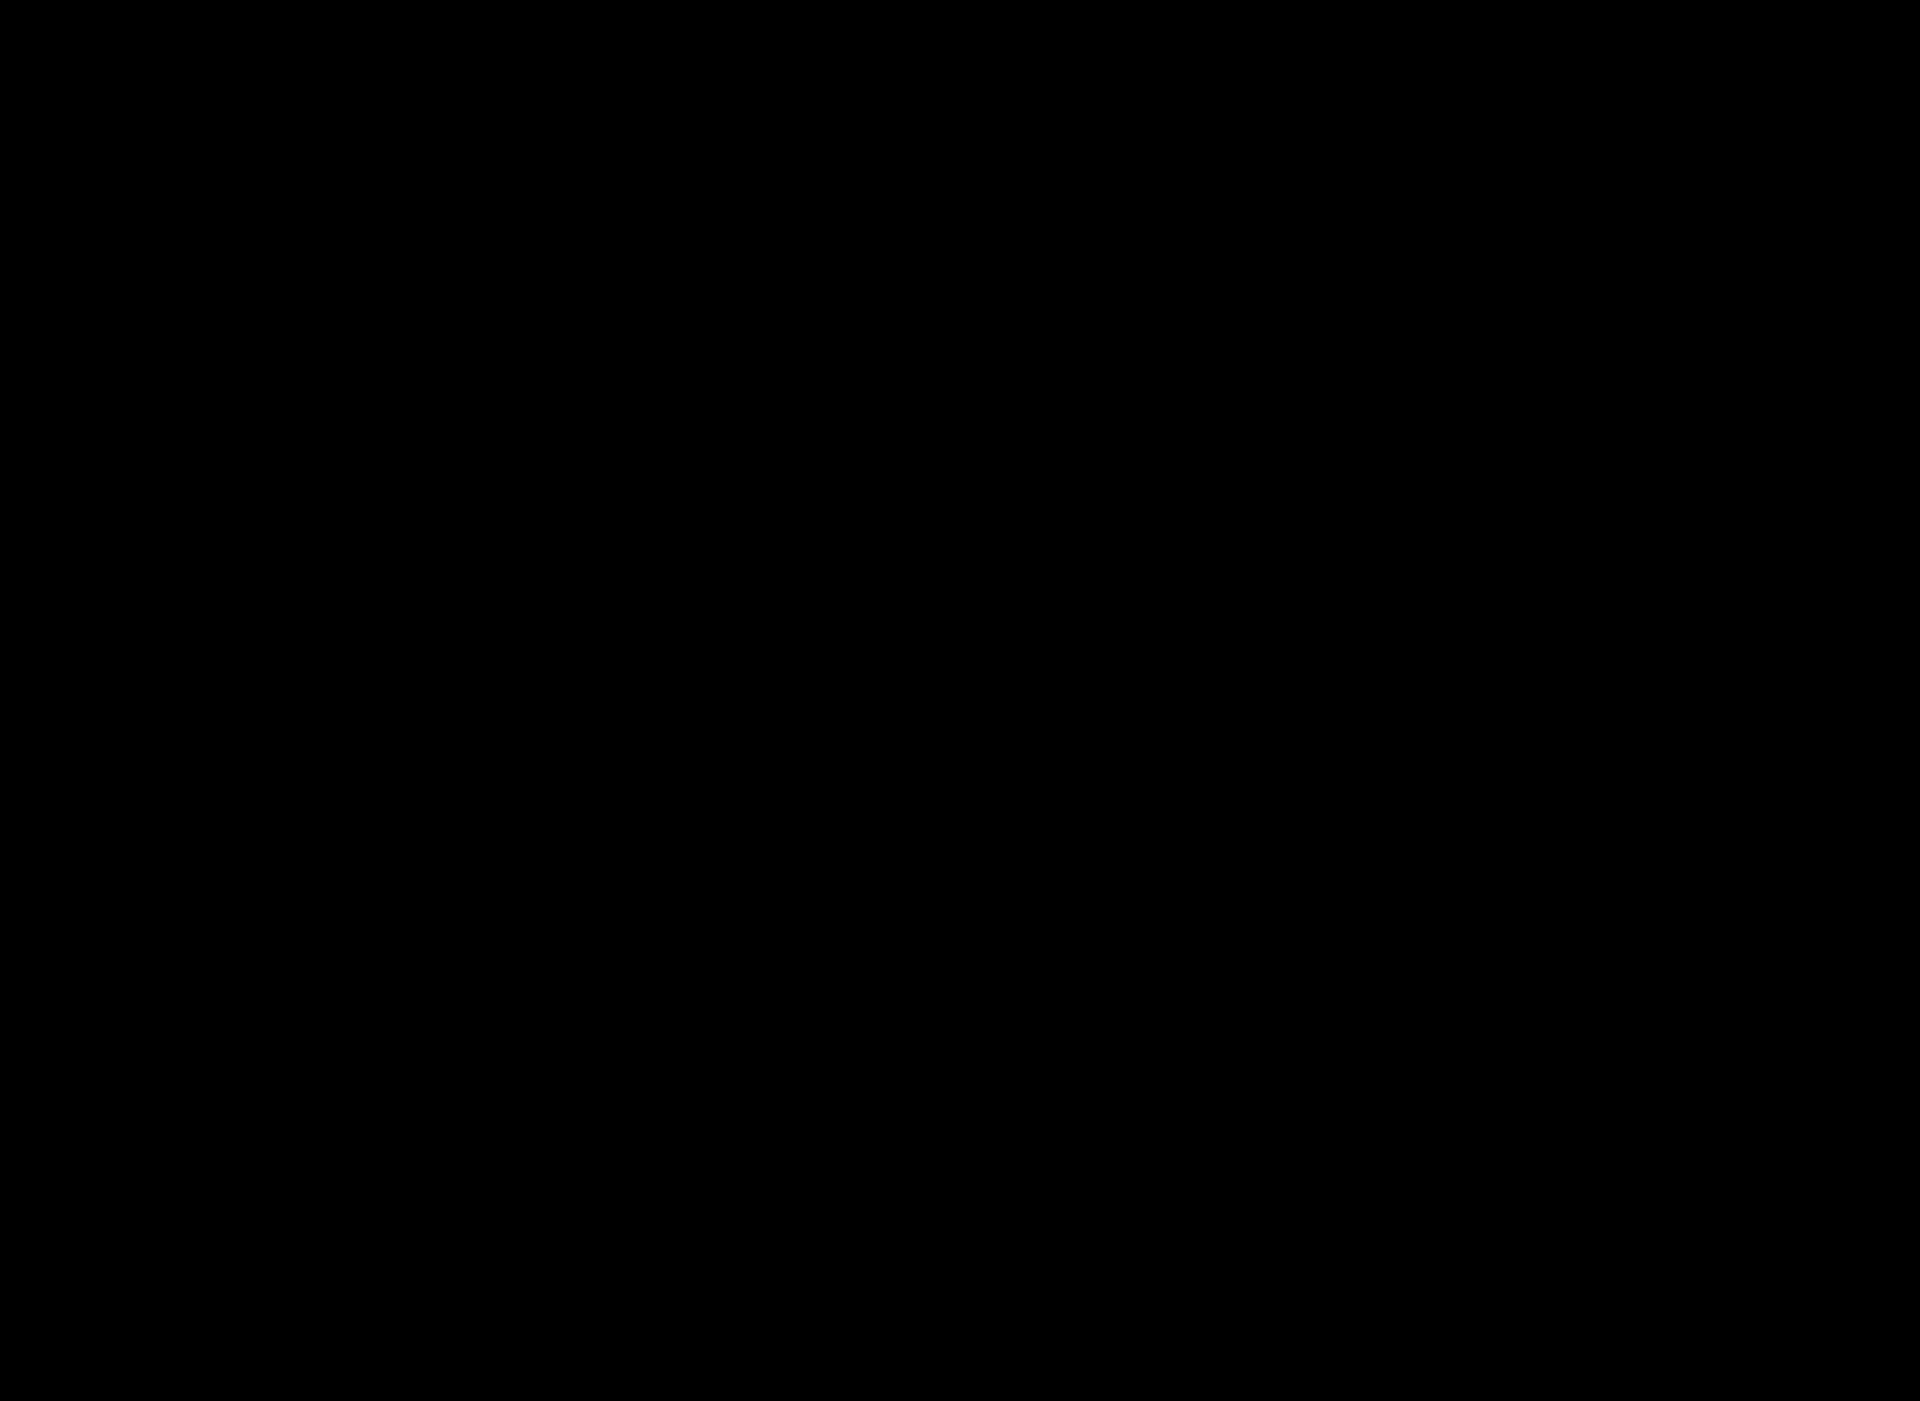 Anima8